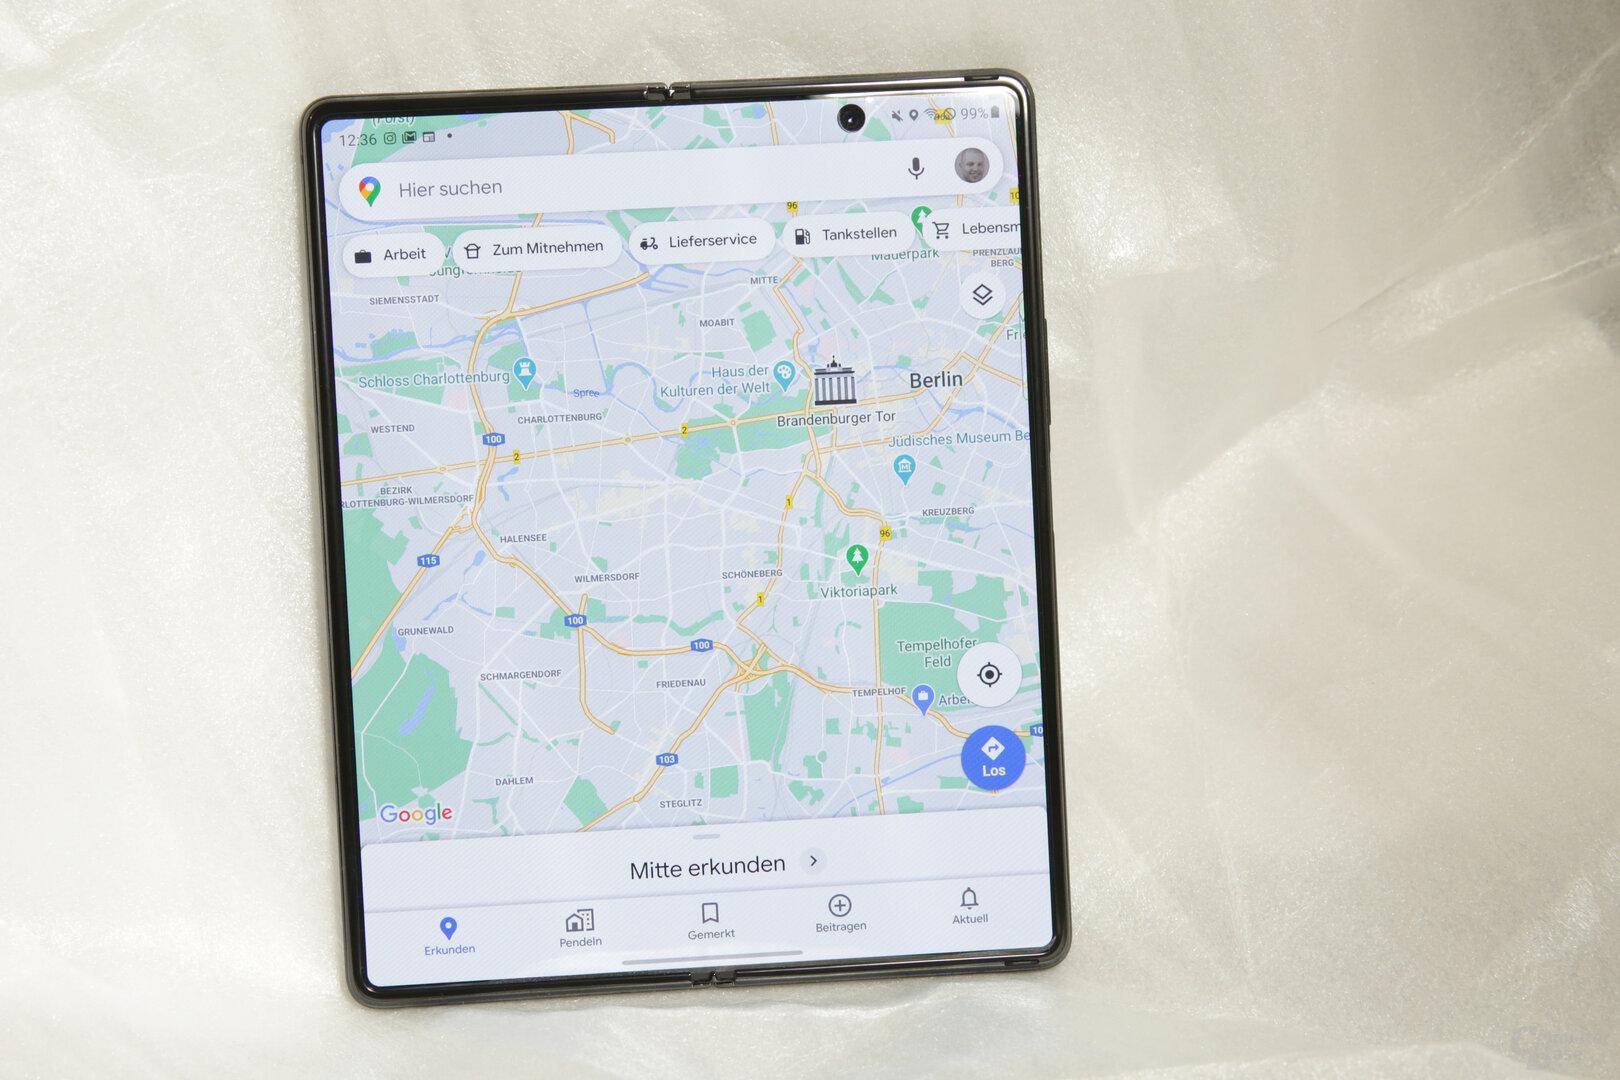 Google Maps kommt extrem gut auf dem riesigen Display